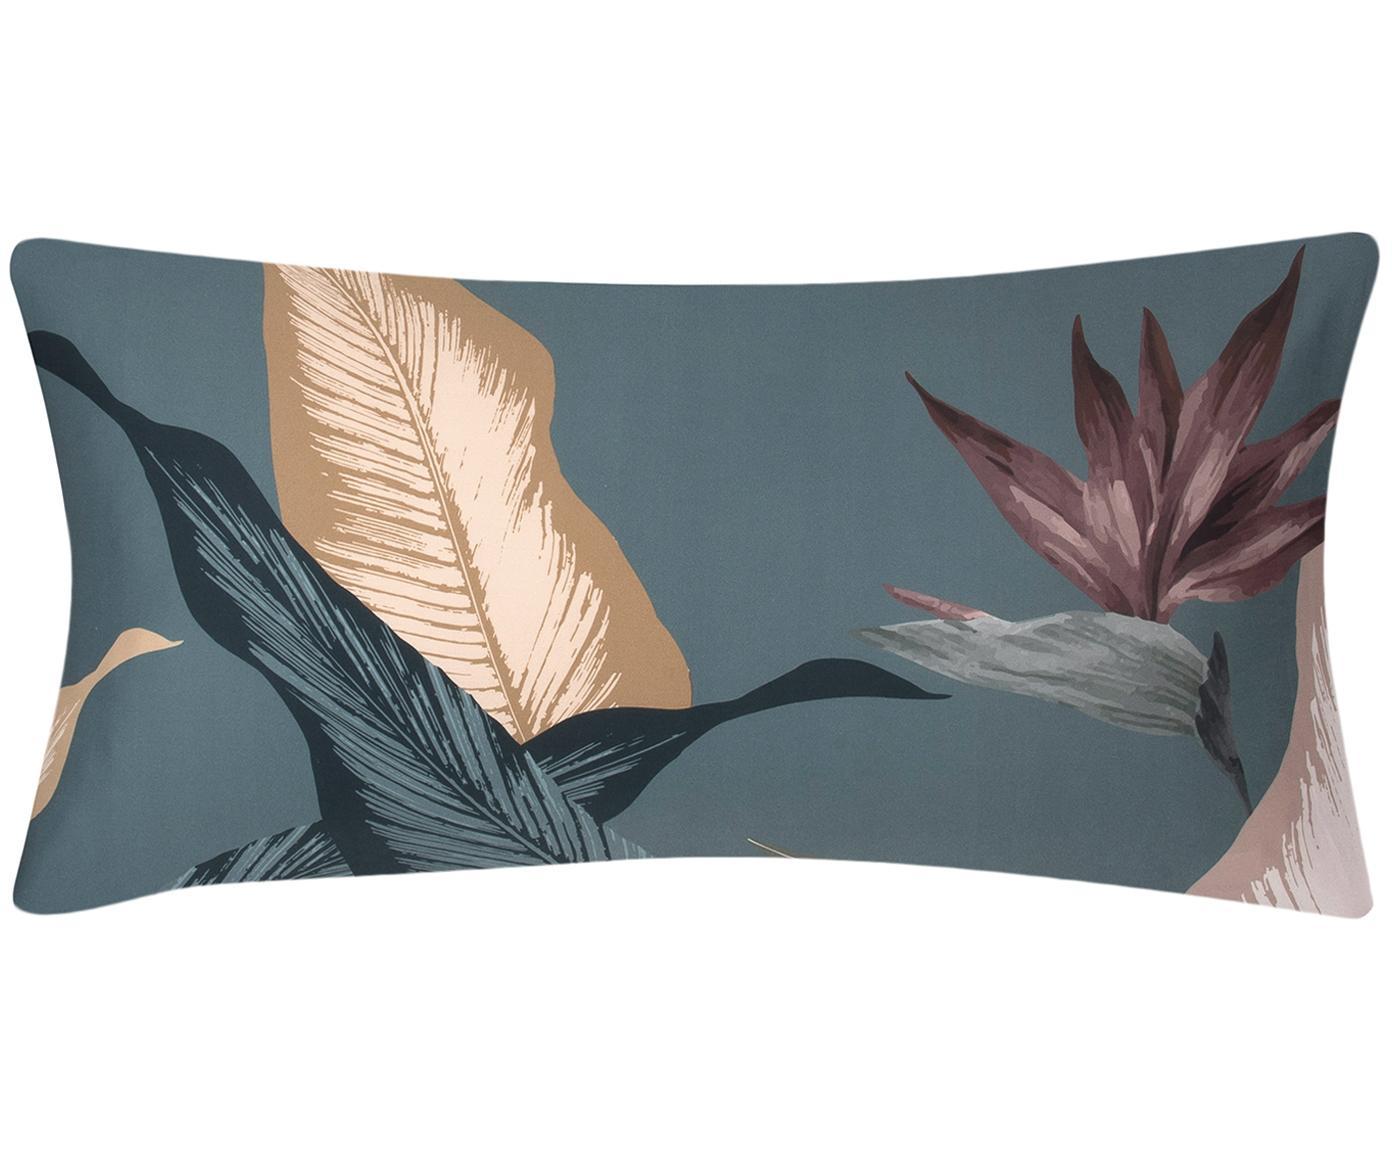 Baumwollsatin-Kissenbezüge Flora in Potral, 2 Stück, Webart: Satin Fadendichte 210 TC,, Vorderseite: MehrfarbigRückseite: Petrol, 40 x 80 cm